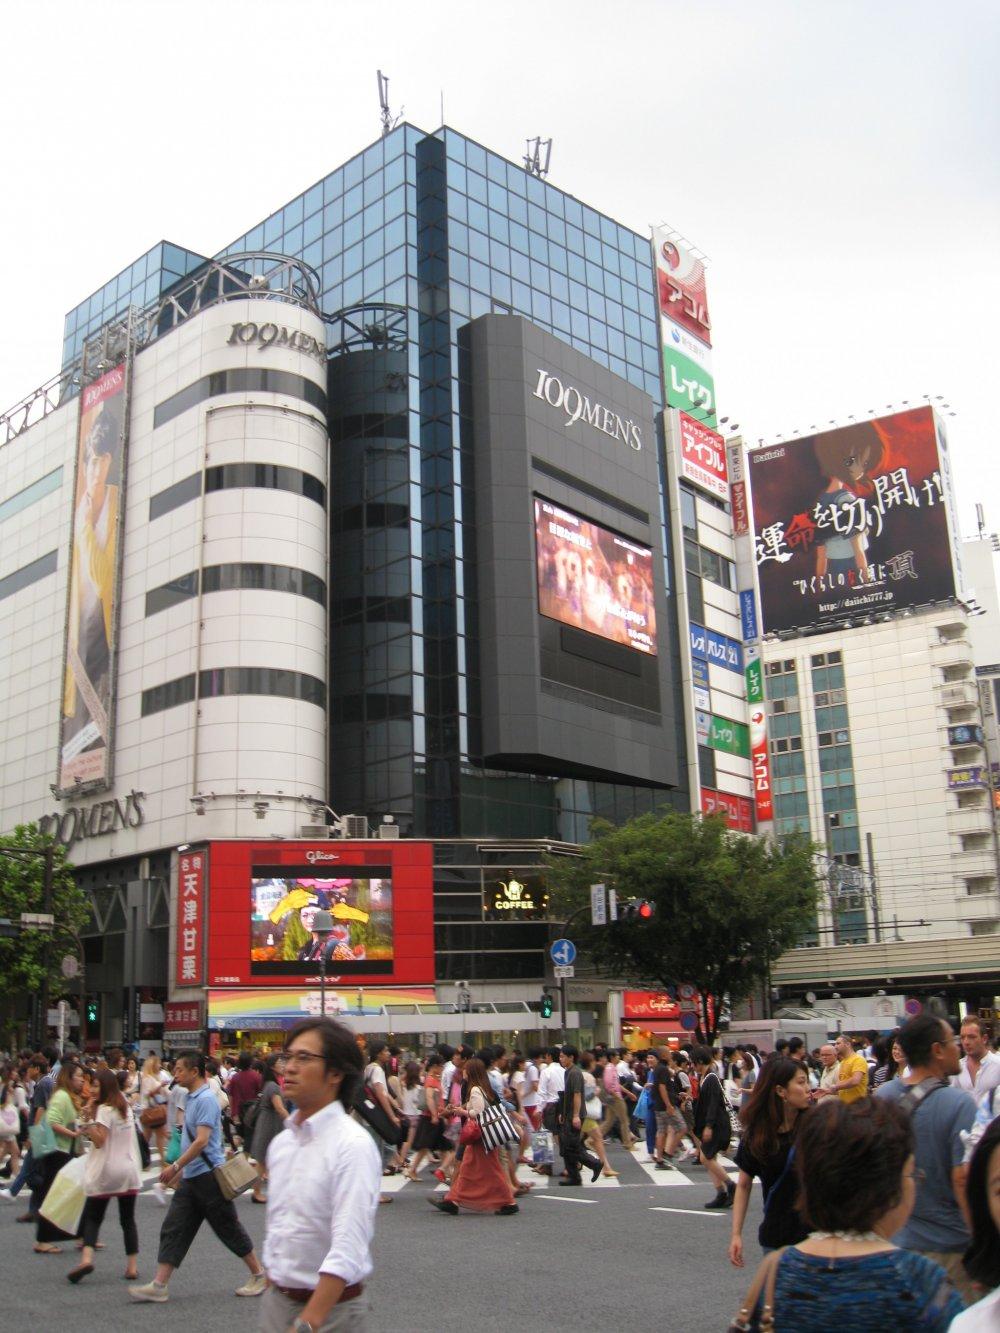 那个经常出现在电视里的涩谷街头过马路的场景。据说每次绿灯,这里都会有上千人穿过马路。你所看到的黑色大楼就是著名的涩谷109男馆~